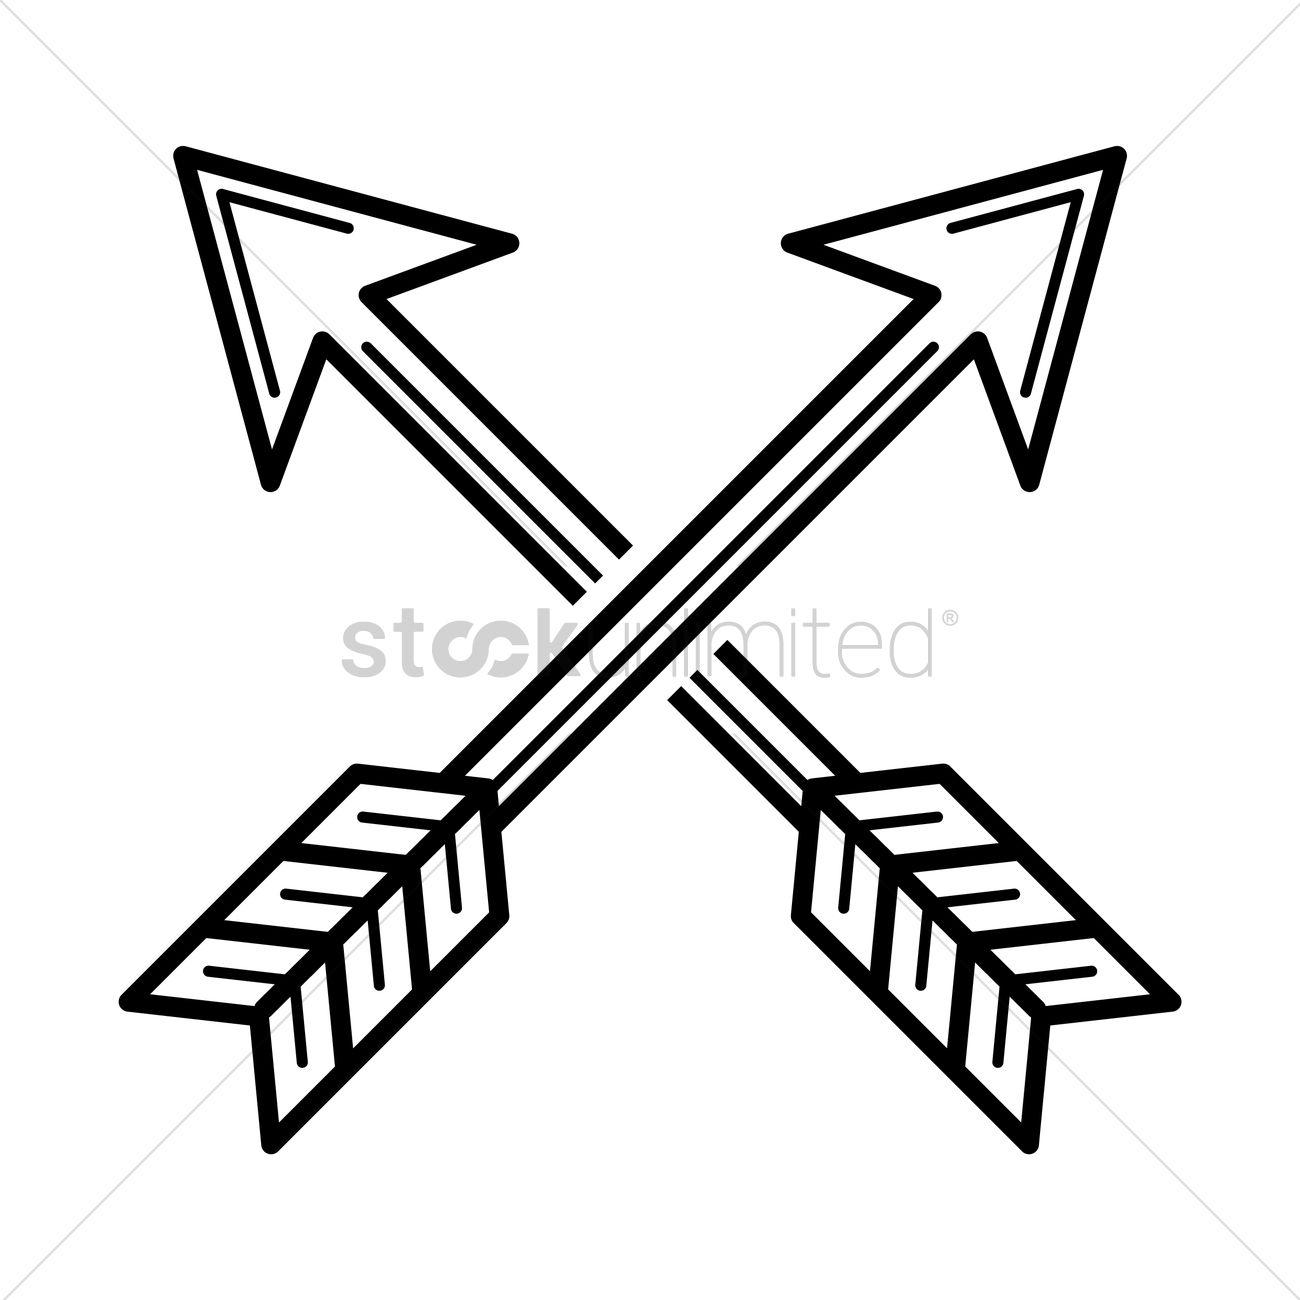 Crossed arrows Vector Image.